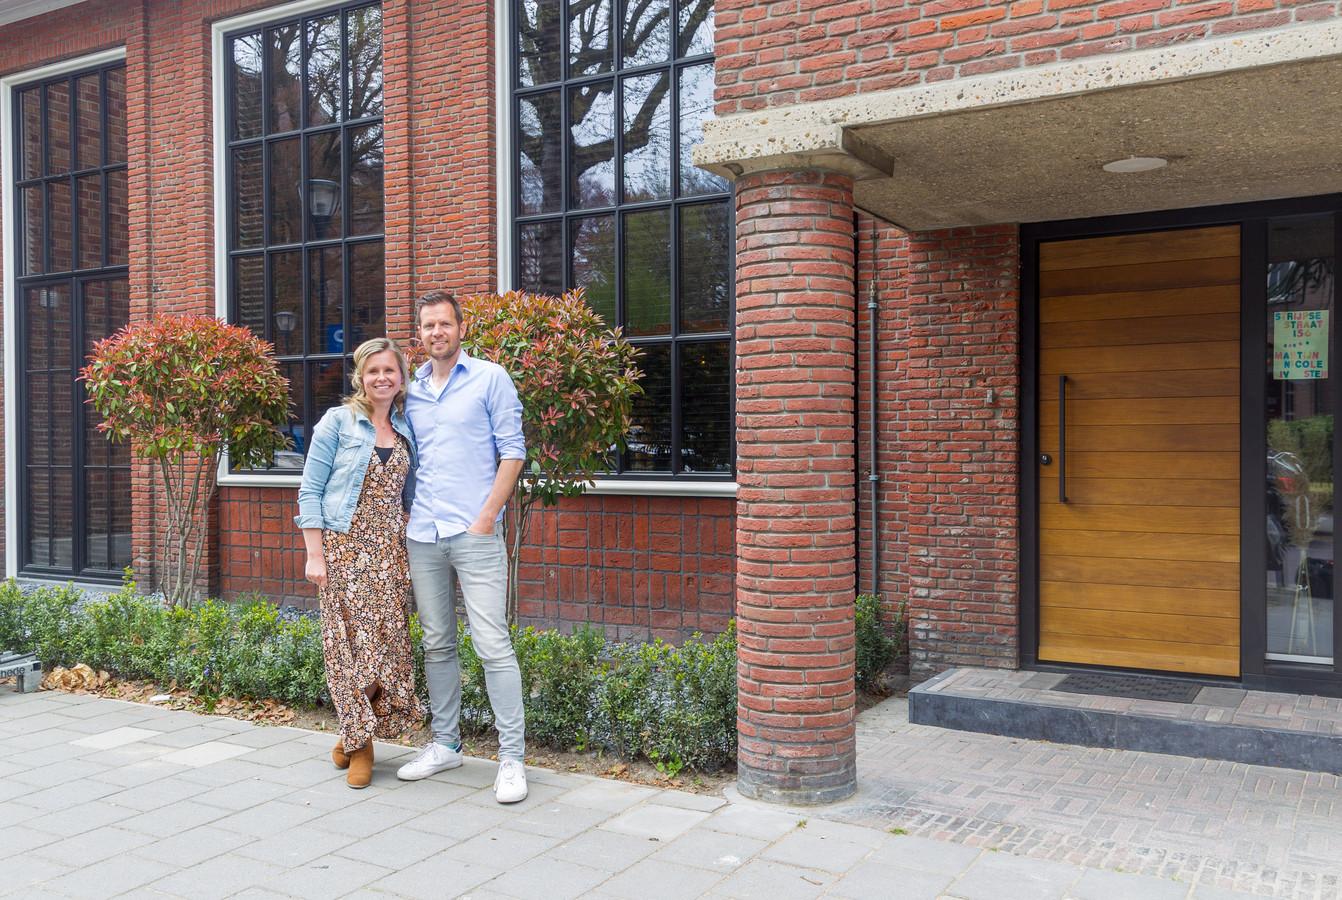 Oud postkantoor in Strijp is verbouwd tot loft woning van Martijn Houben en Nicole Jacobs.